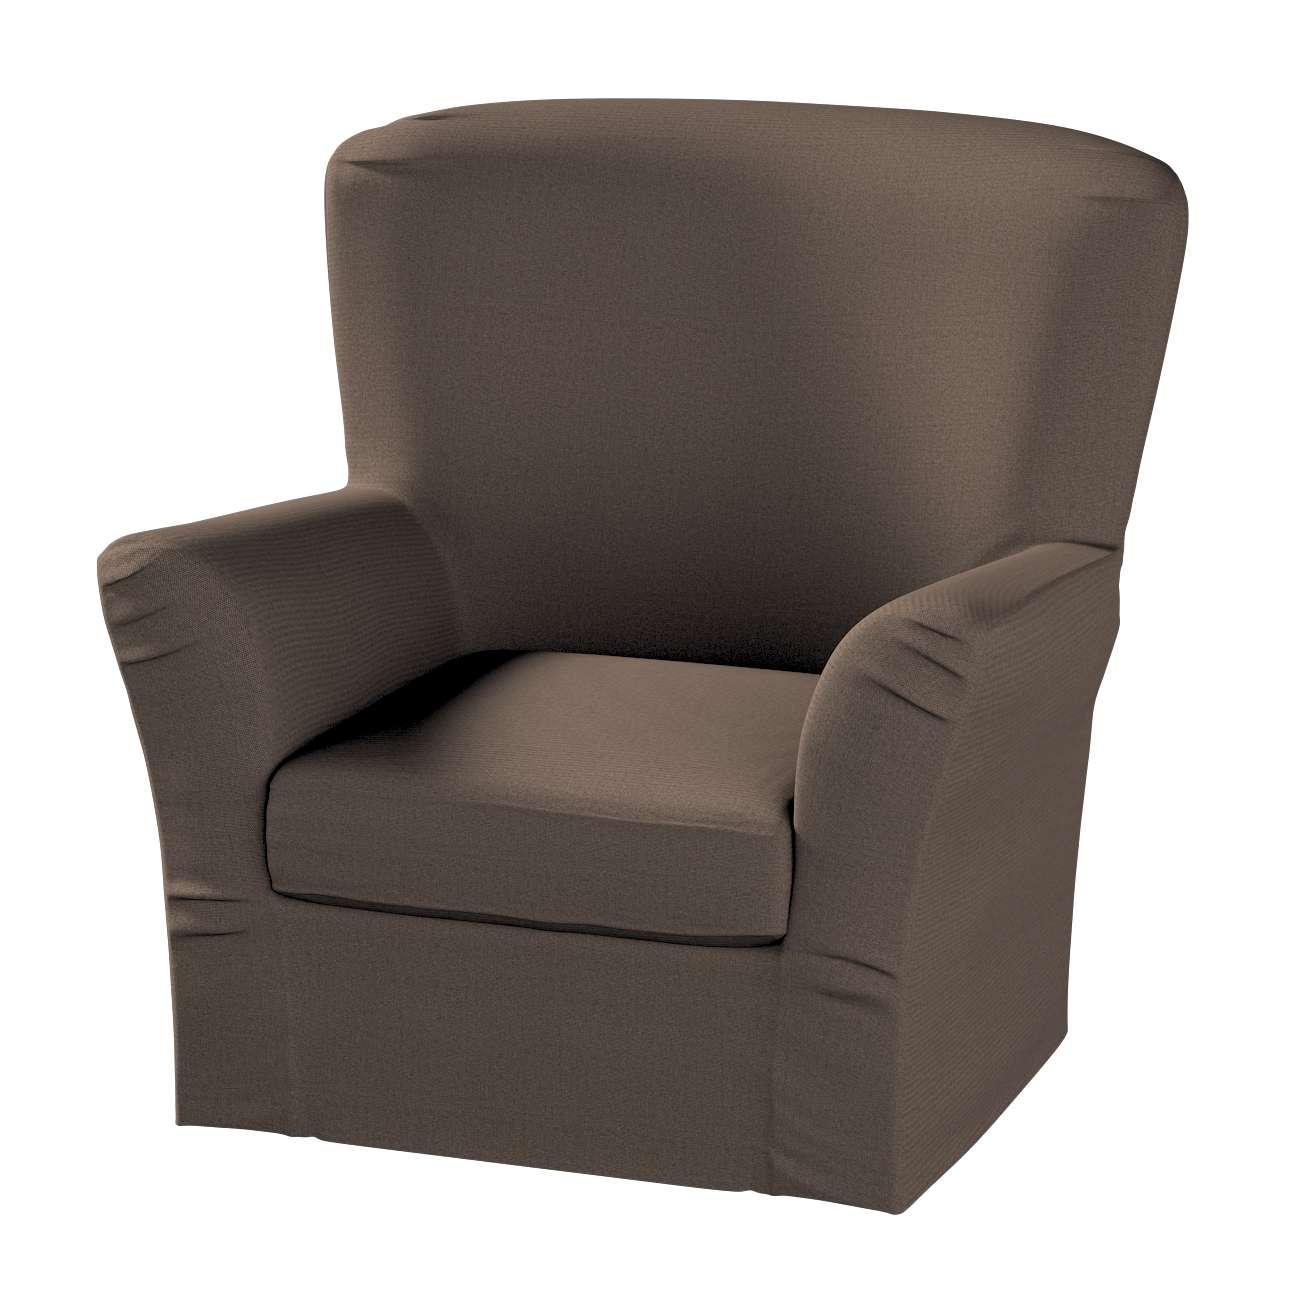 Pokrowiec na fotel Tomelilla z zakładkami fotel Tomelilla w kolekcji Etna , tkanina: 705-08